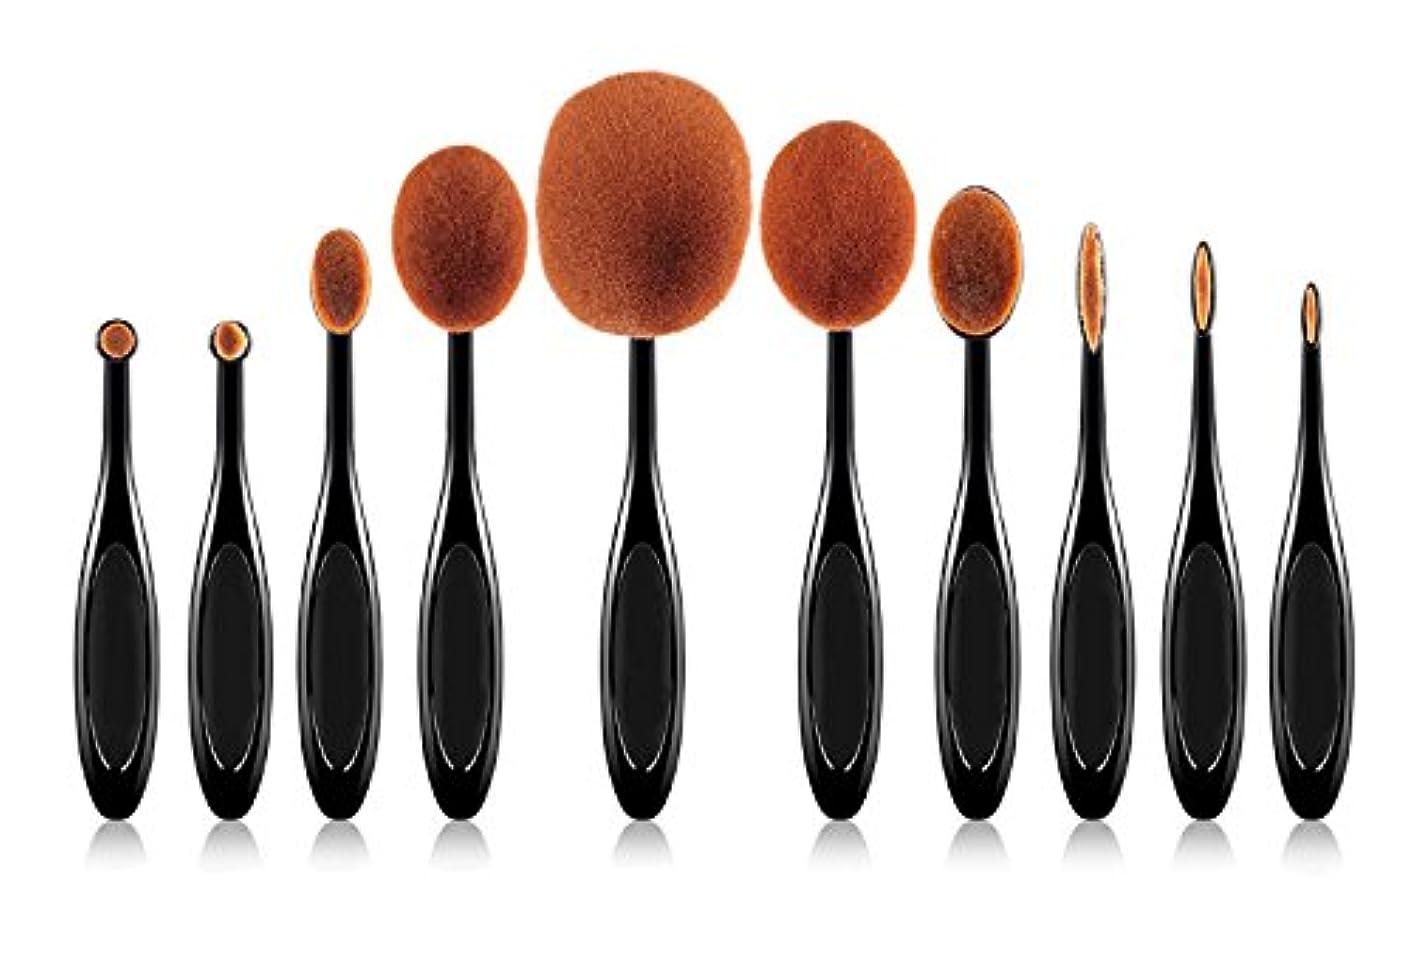 散文ロンドン複雑KEDSUM メイクアップブラシ 歯ブラシ型 化粧ブラシセット メイクブラシ ファンデーションブラシ メイク道具 10本セット (2)